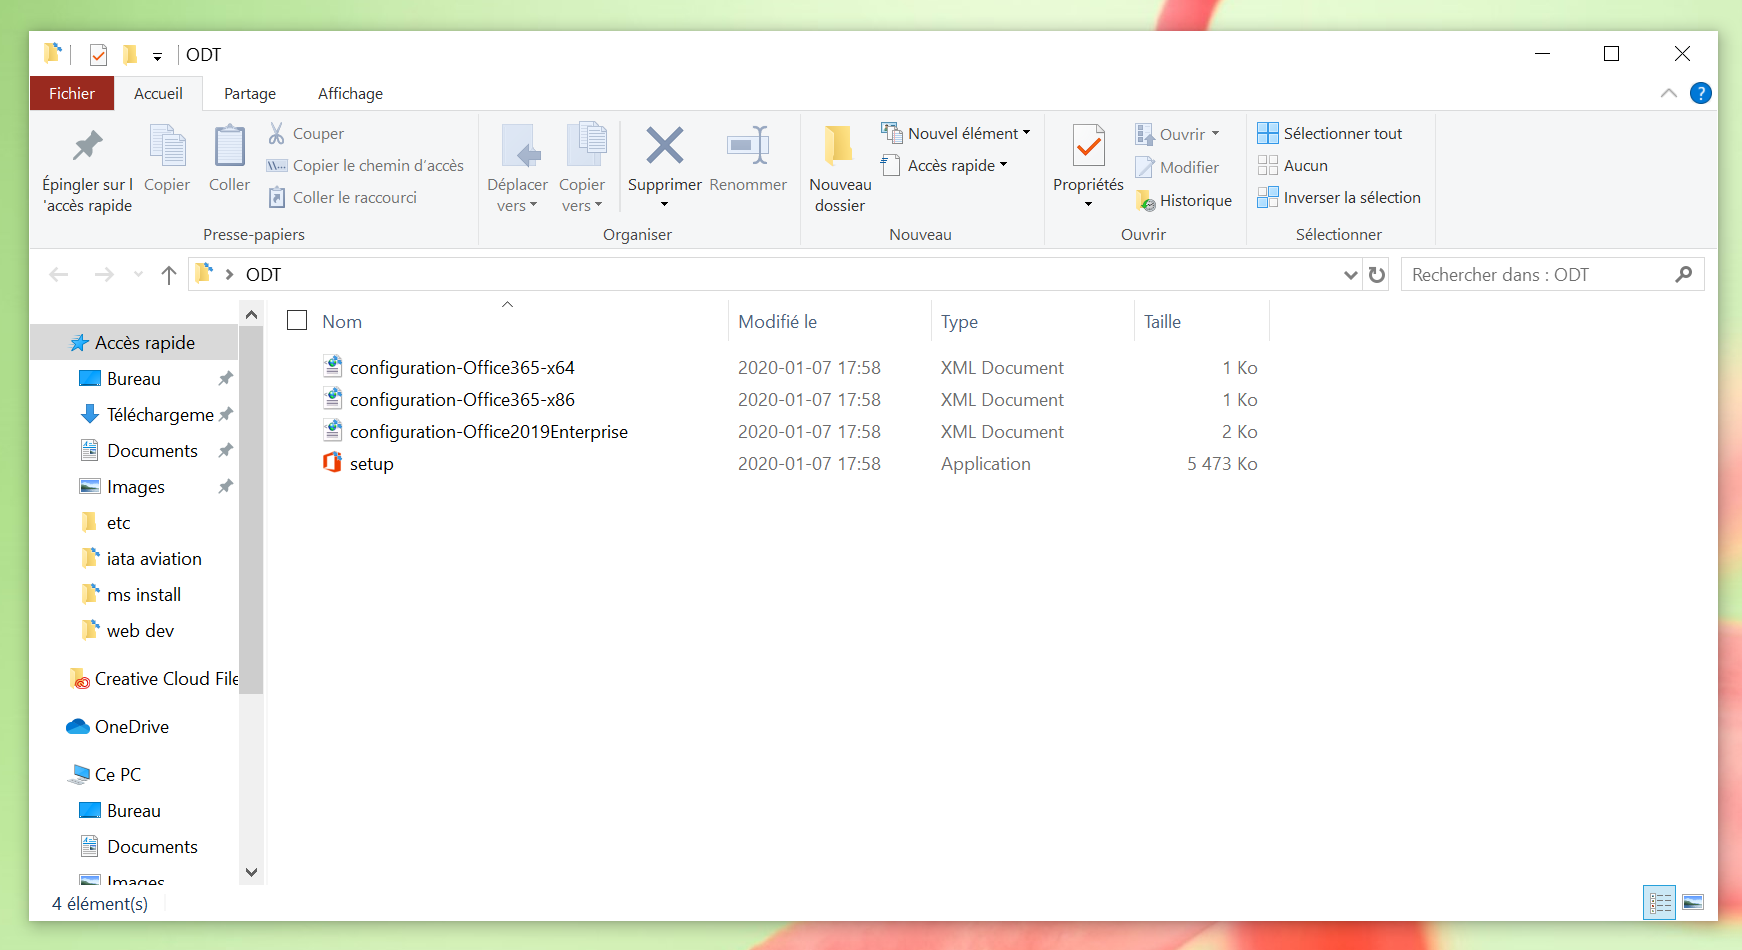 Le dossier ODT est ouvert pour afficher le contenu; il contient configuration-Office365-x64.xml, configuration-Office365-x86.xml, configuration-Office2019Enterprise.xml et setup.exe